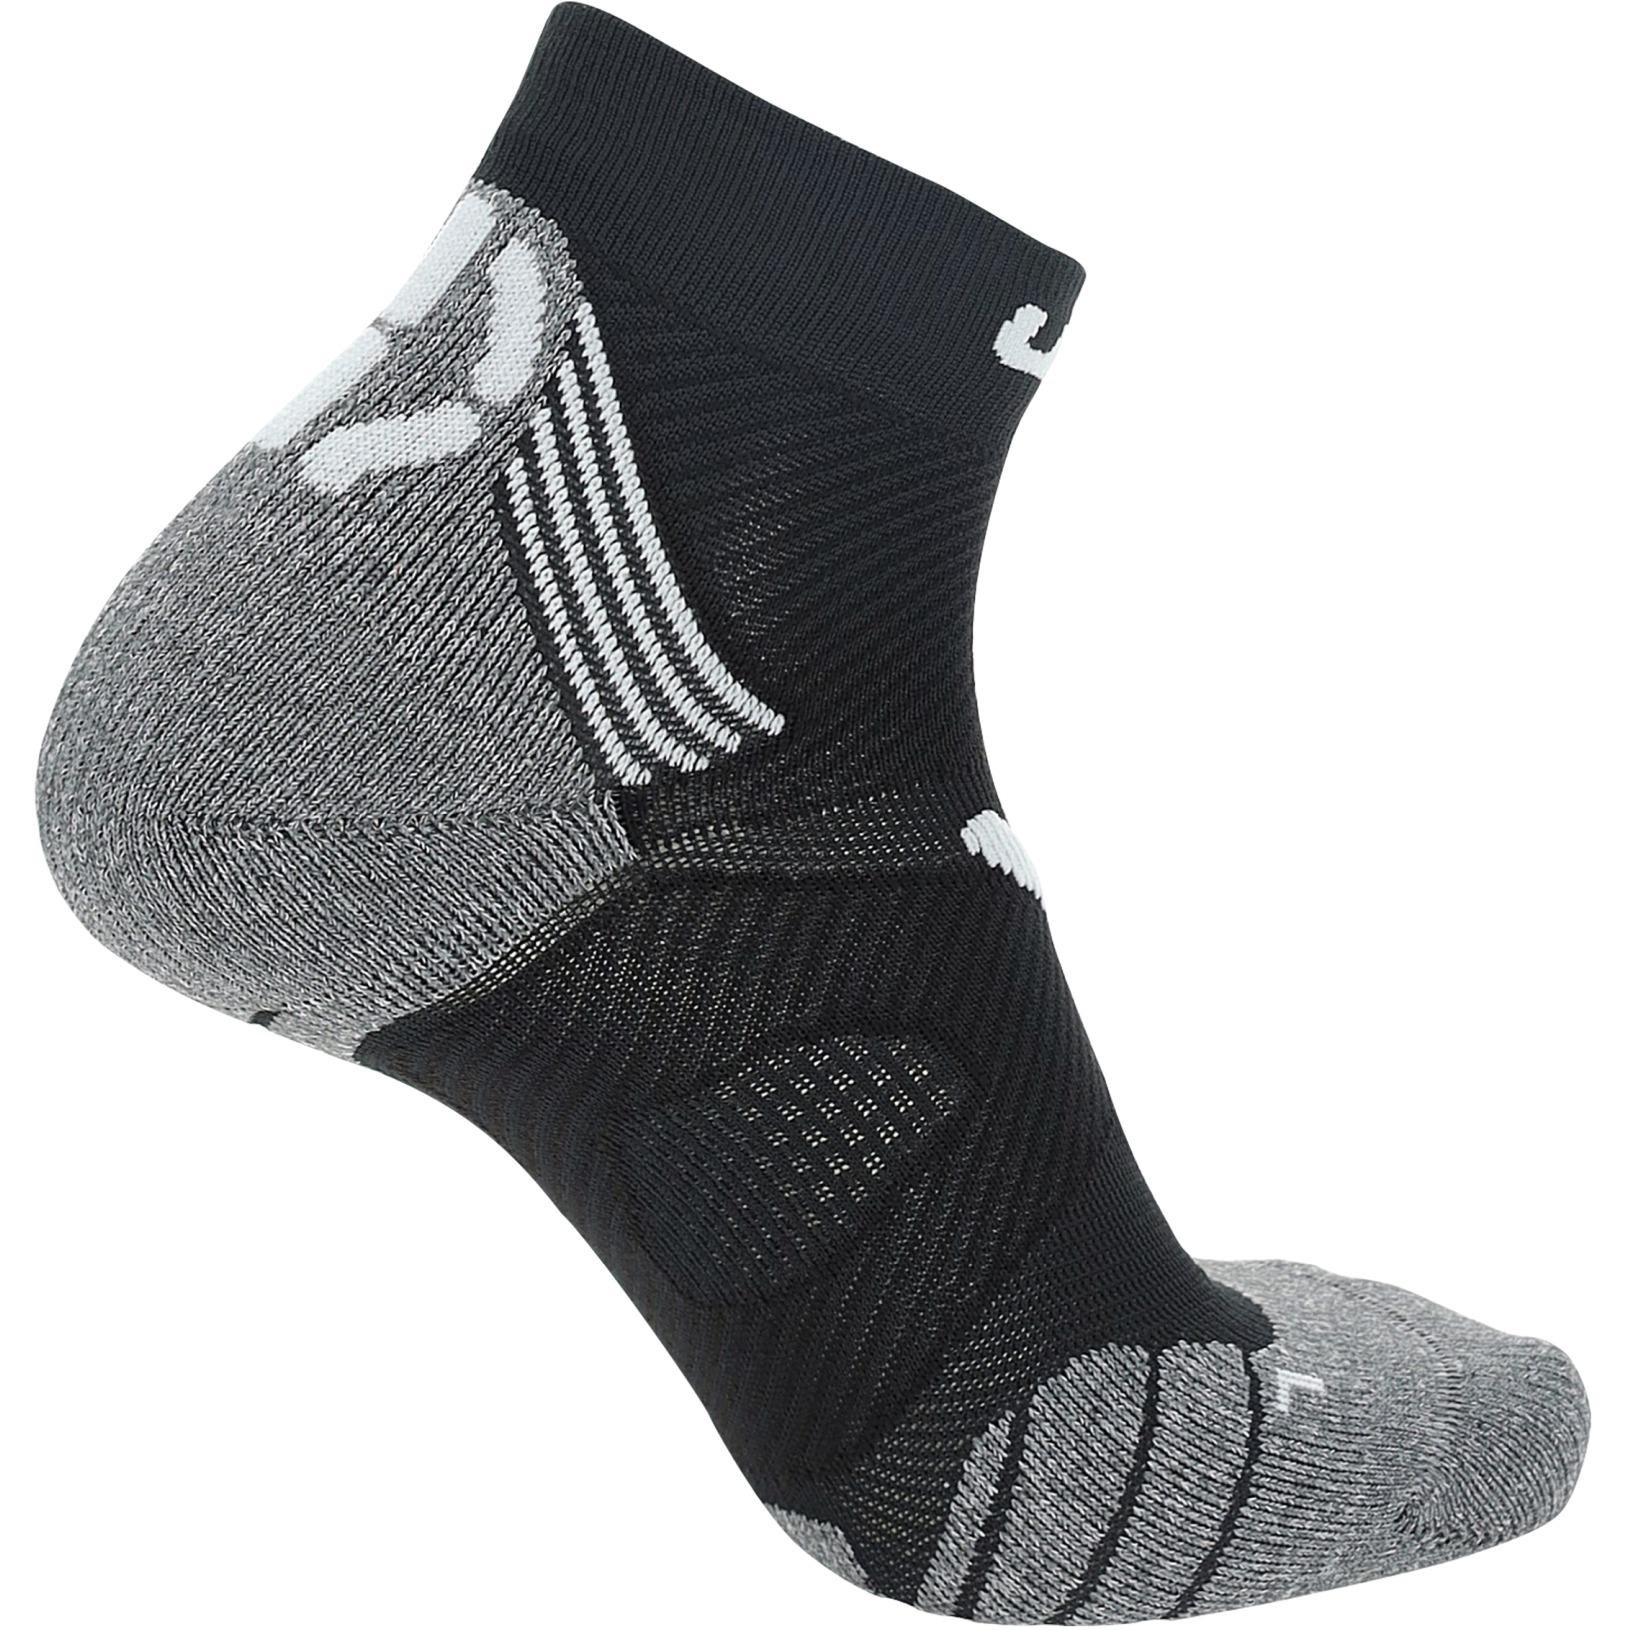 Bild von UYN Marathon Zero Socken - Schwarz/Weiß/Grau